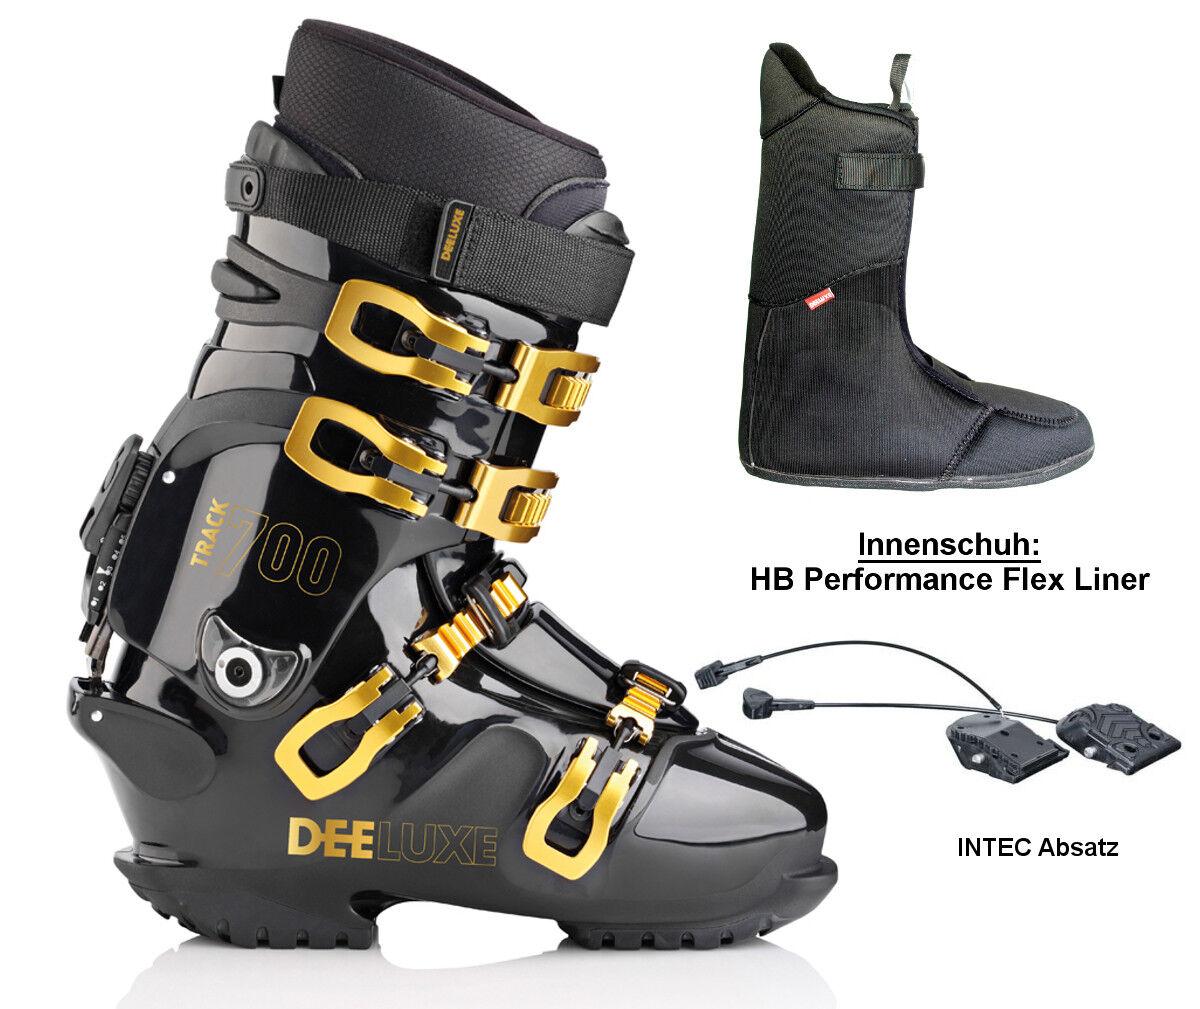 Deeluxe Chándal 700 Calzado Snowboard Bota Dura hp Flex Interior de Zapato